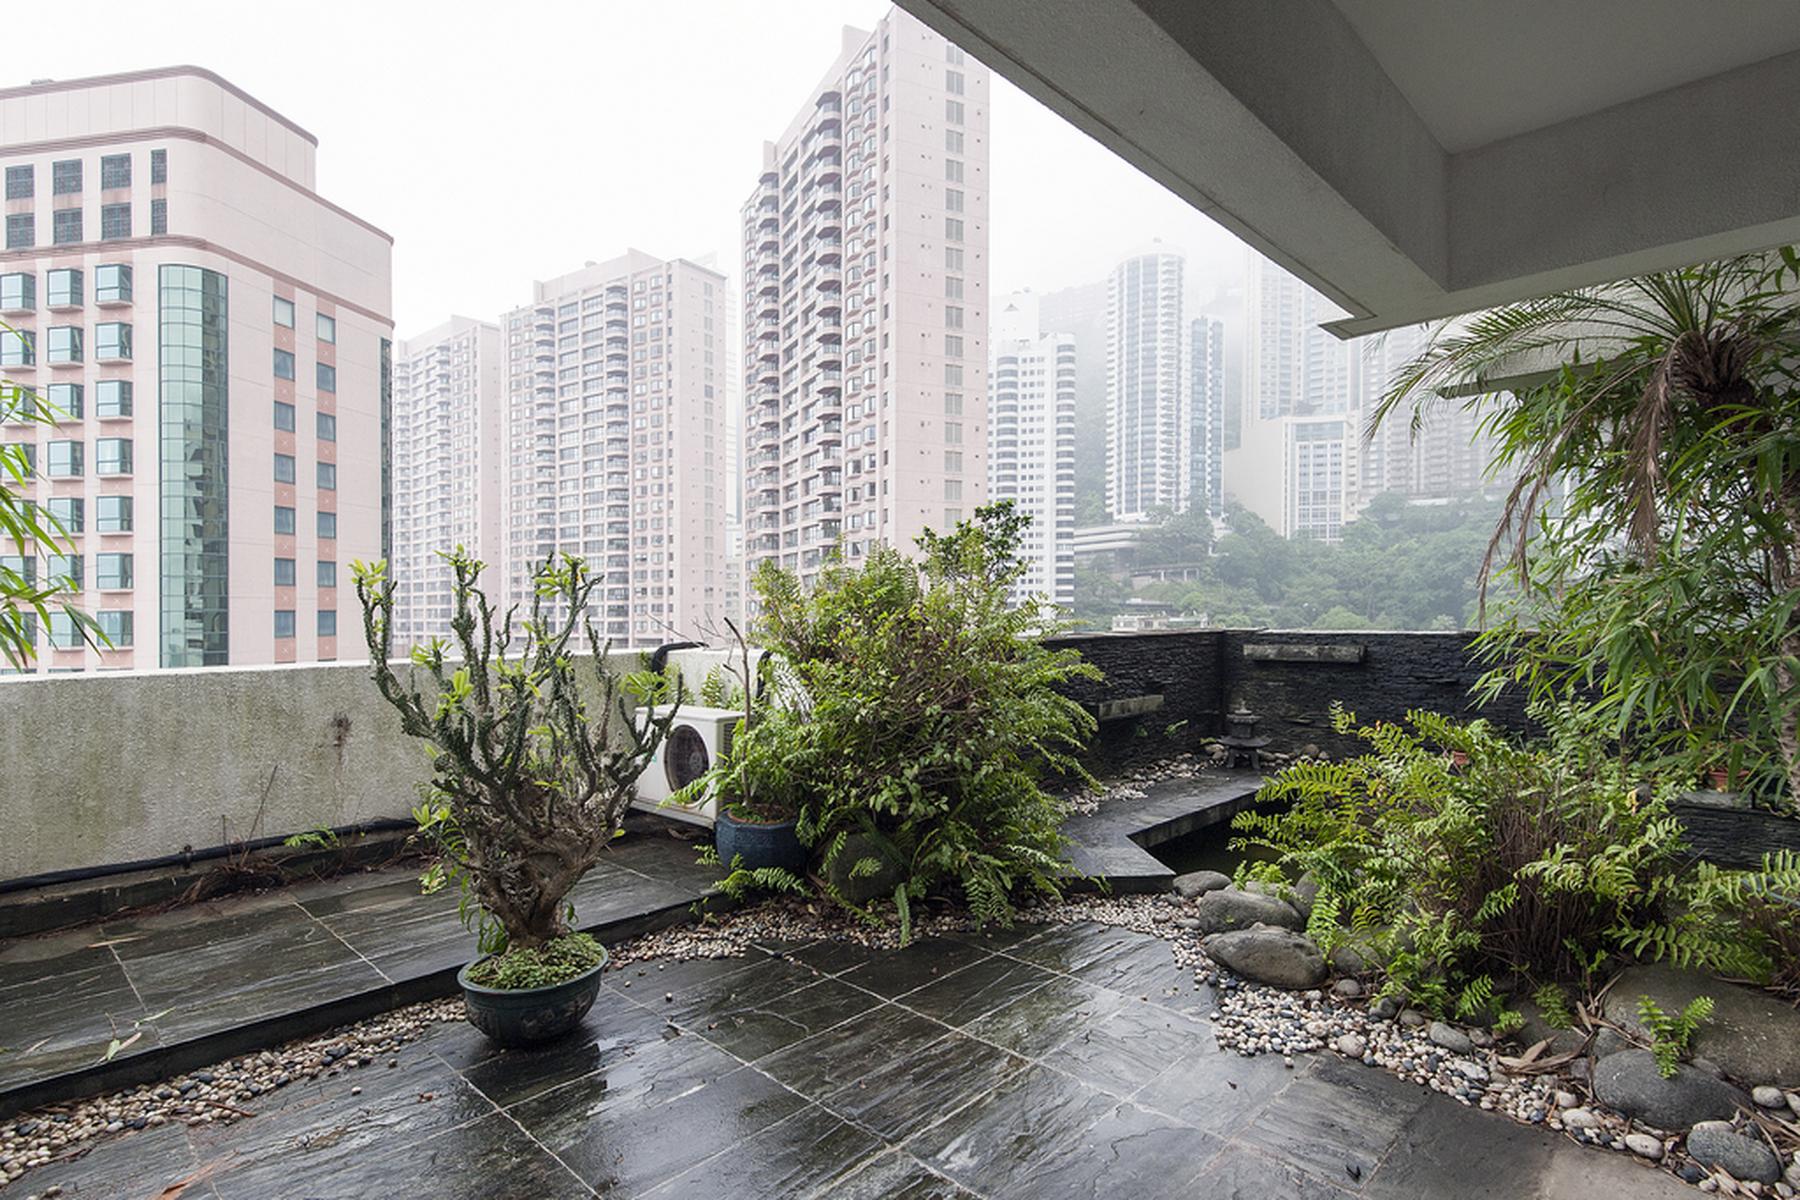 Duplex for Sale at Robinson Road, 1 Other Hong Kong, Hong Kong